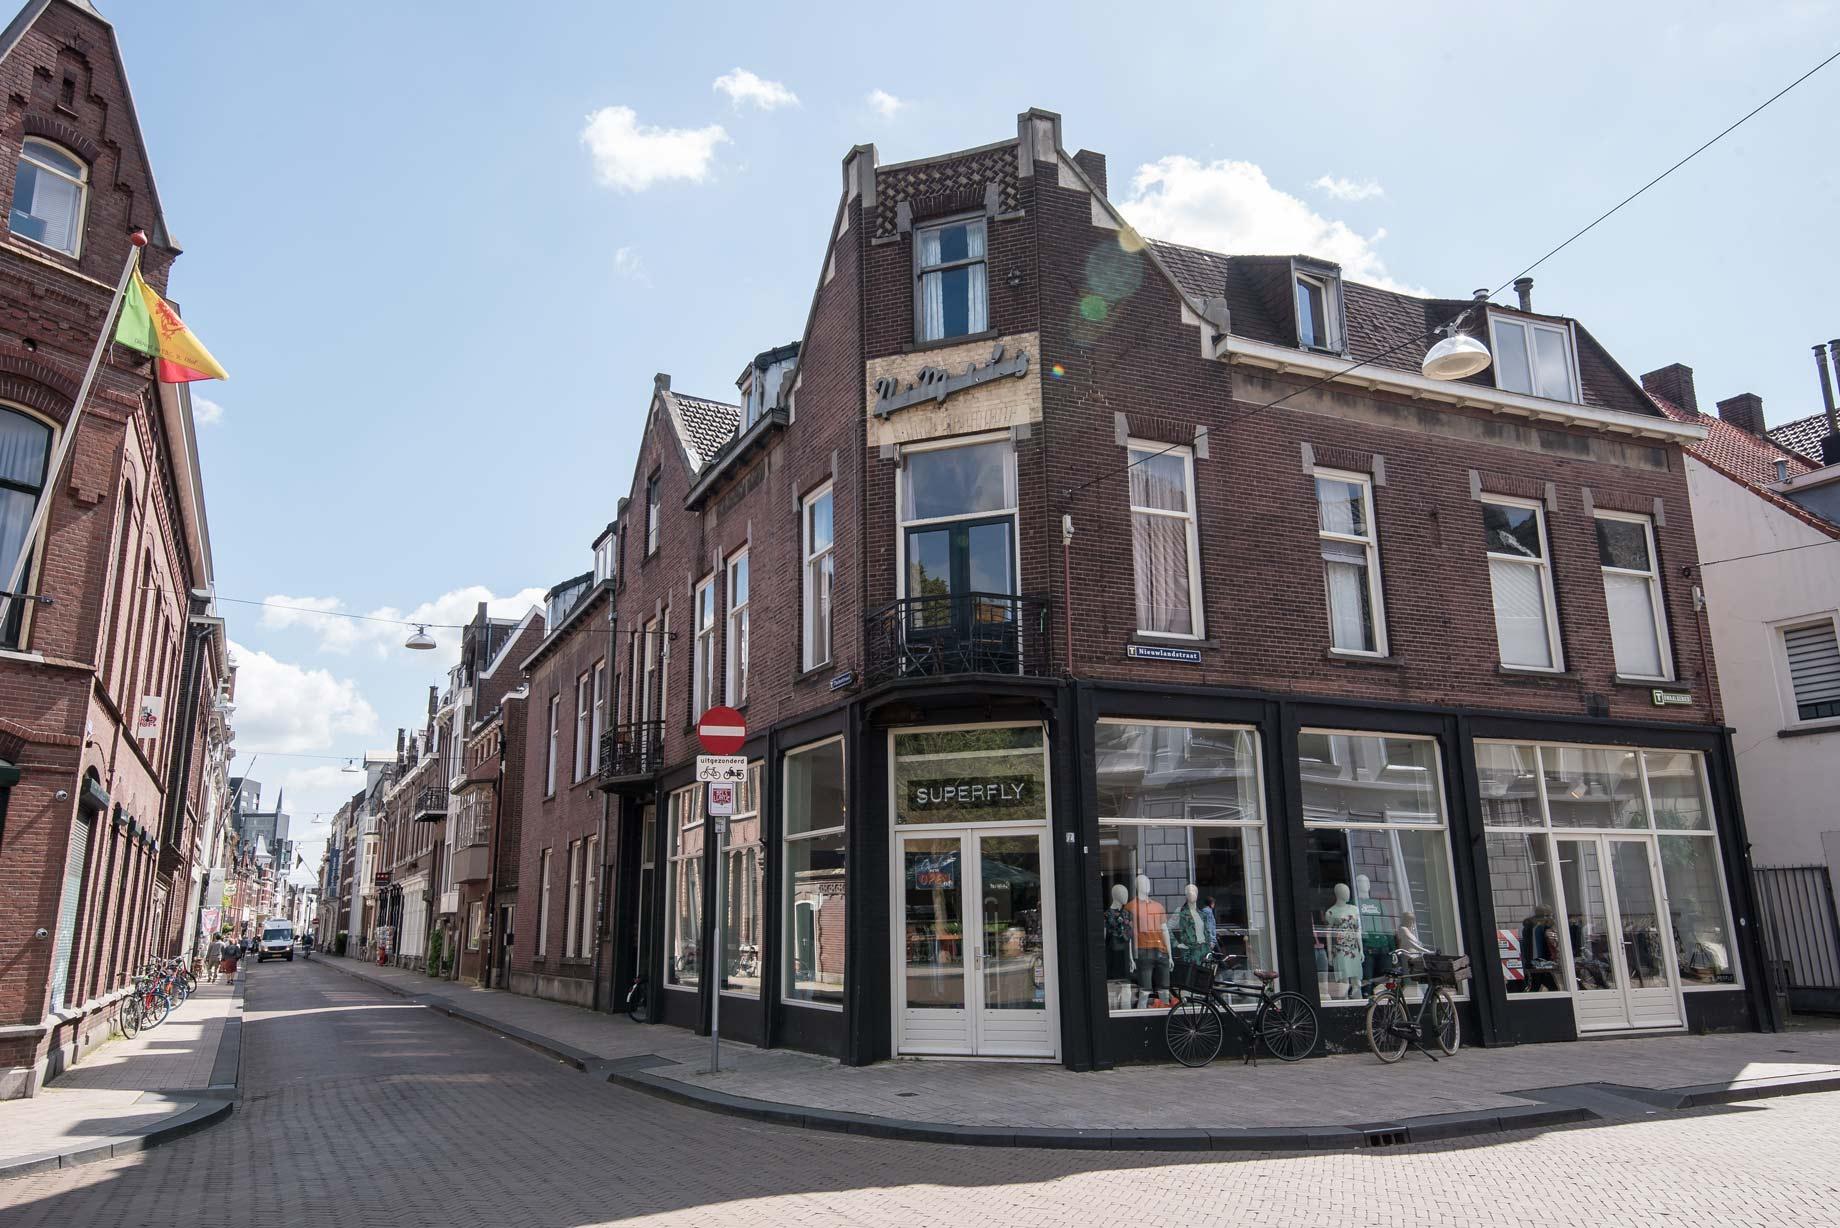 013 Straatjes - Superfly buiten - Dwaalgebied Tilburg - Foto door William van der Voort